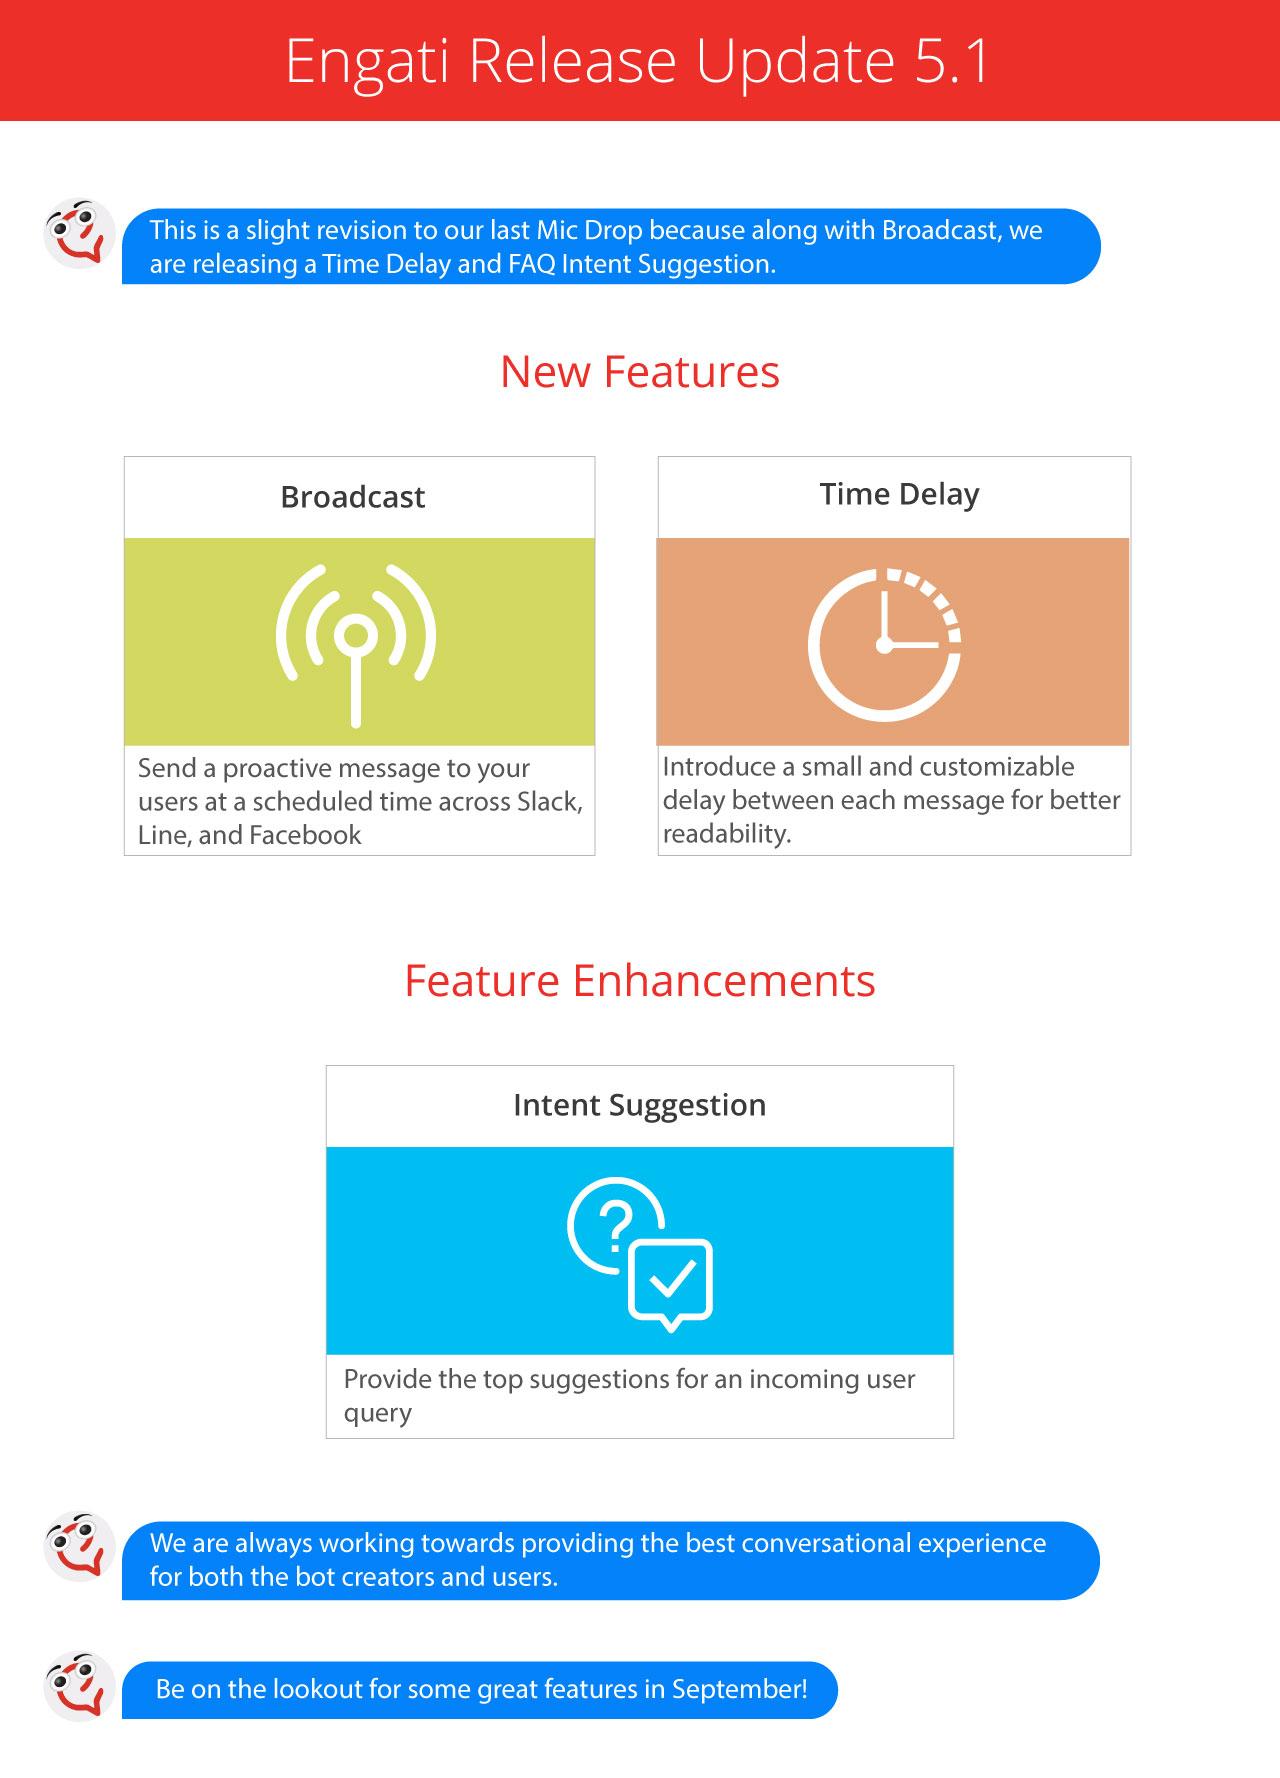 Engati release update 5.1